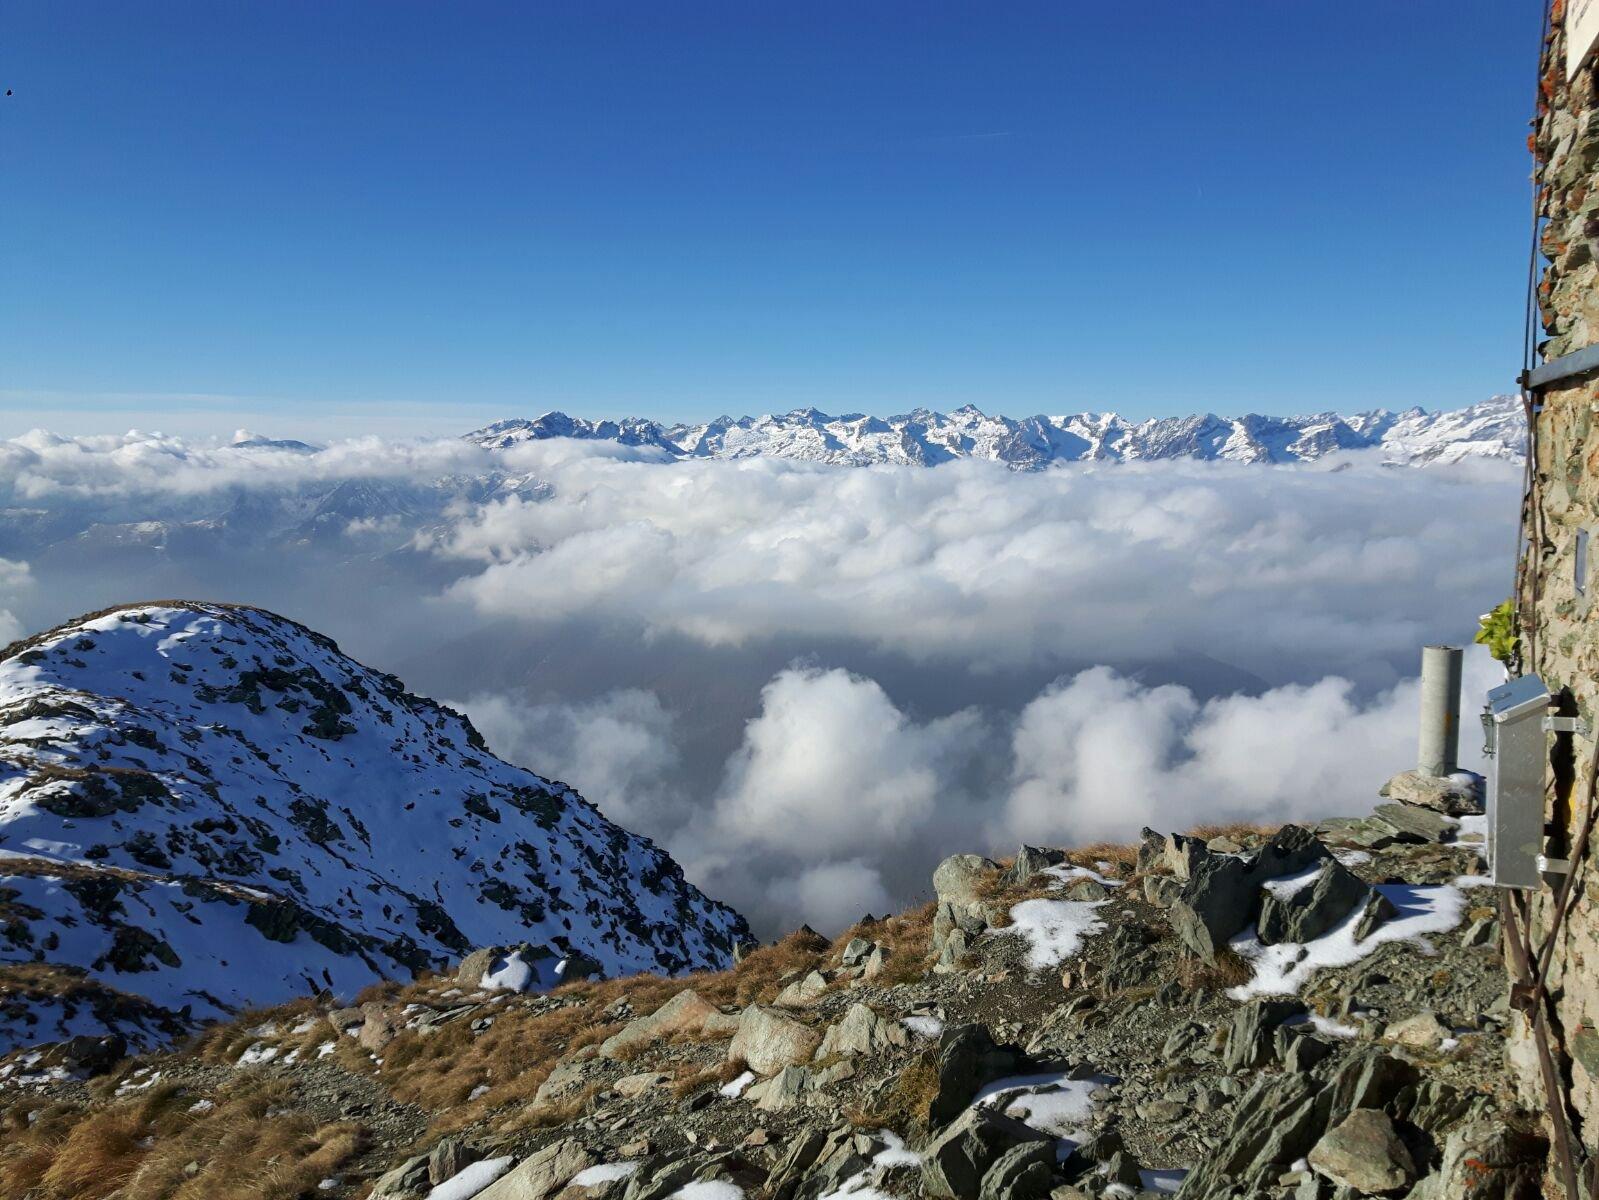 le grandi montagne sbucano dalla nebbia